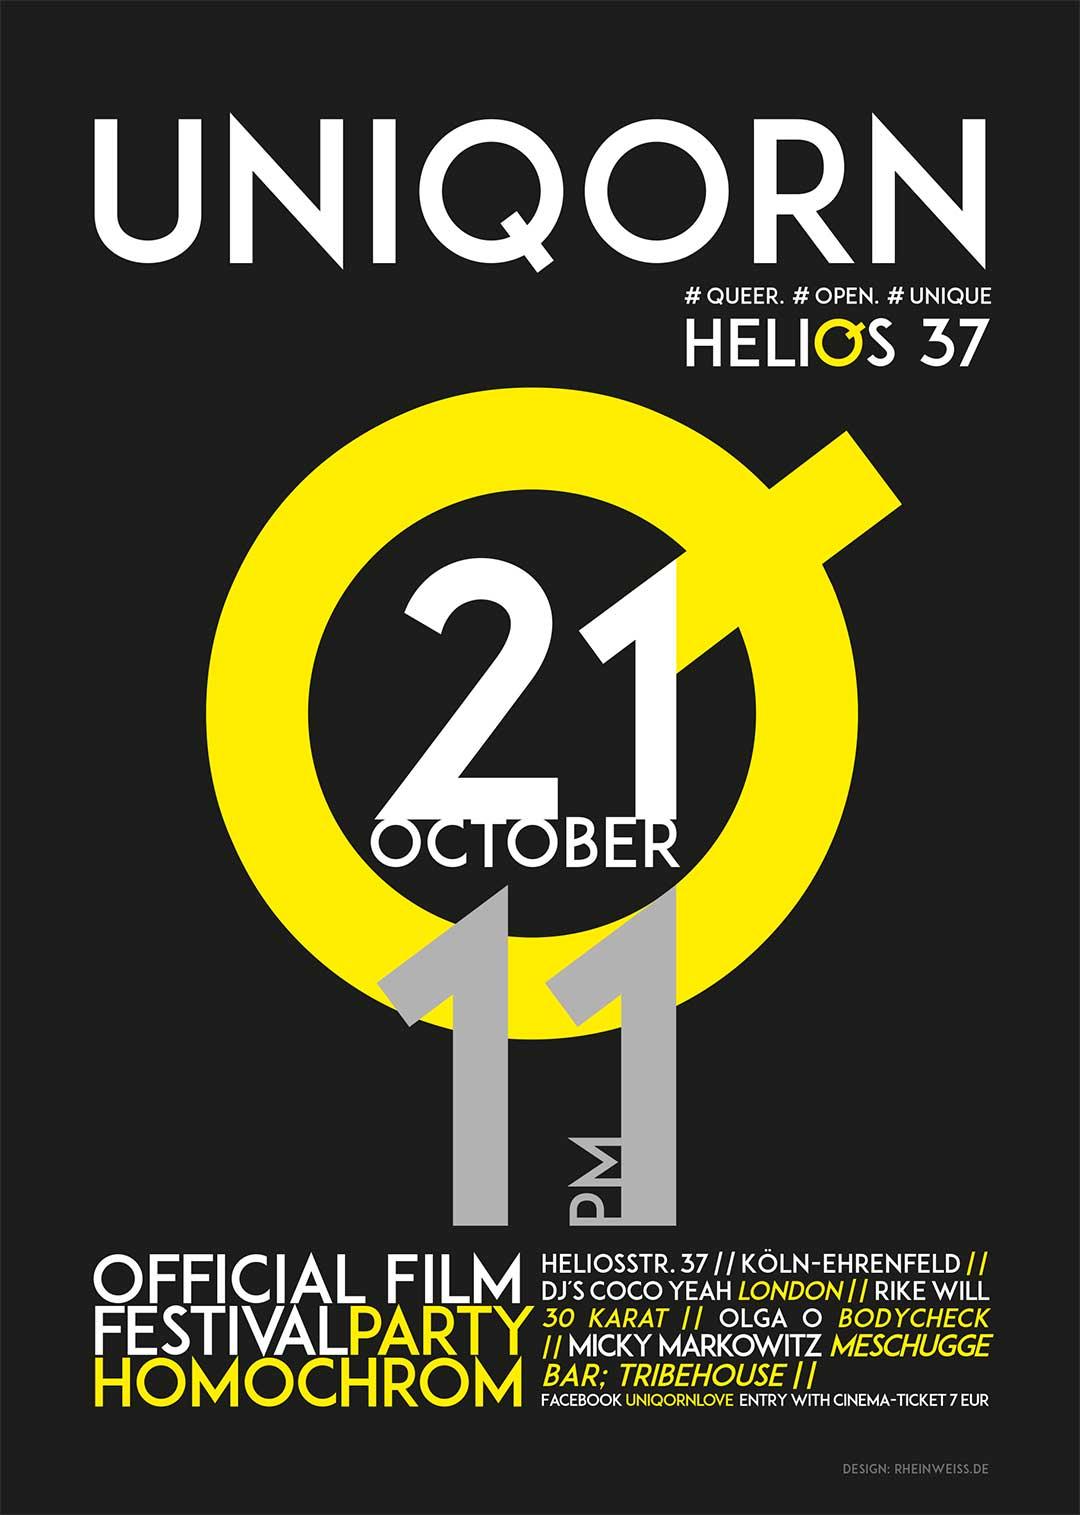 UNIQORN ist die Festivalparty des 7. Filmfests homochrom am Samstag 21.10.2017 ab 23 Uhr im Helios37 in Köln-Ehrenfeld; ermäßigter Eintritt von nur 7€ (statt 10€) mit Eintrittskarten des Filmfest